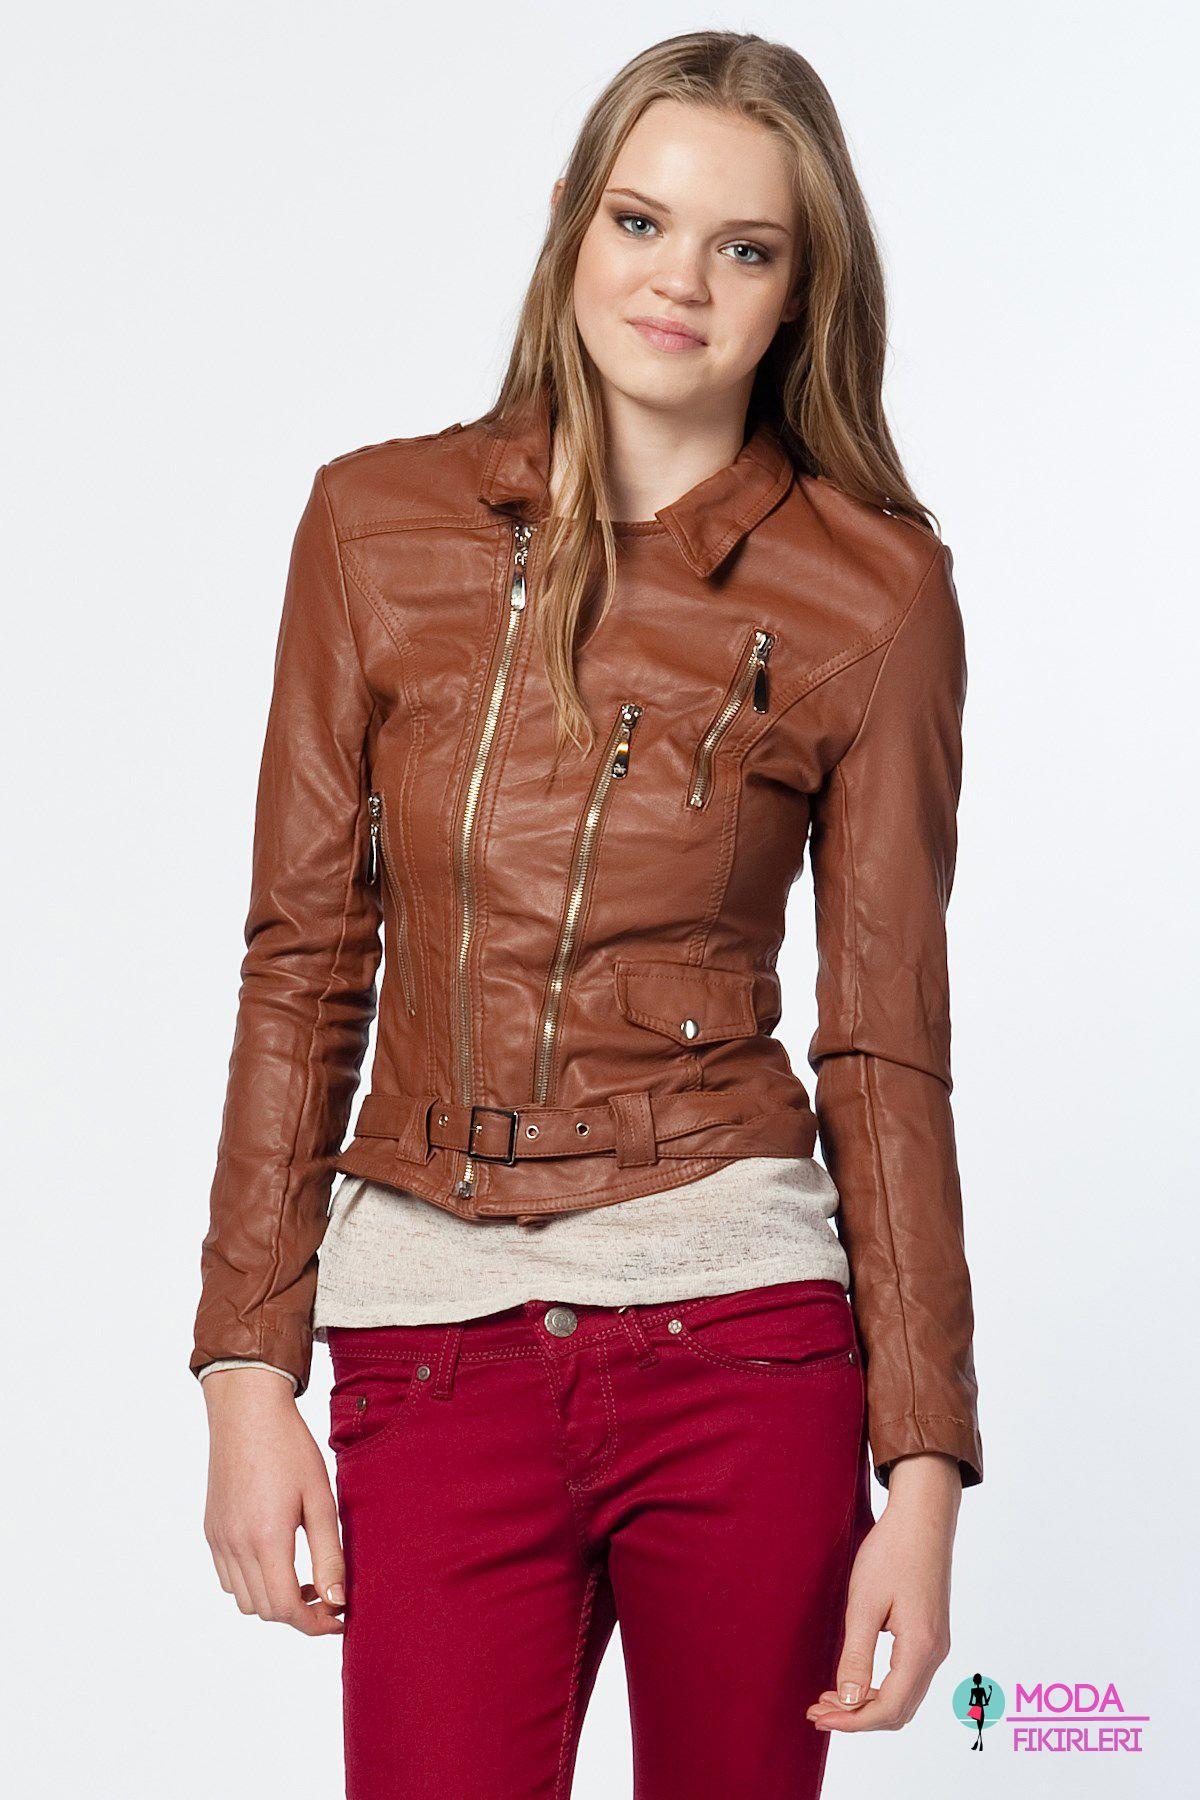 06798acf8b0f2 Koton Bayan Deri Mont #leather #jacket #coat #brown | Elbise ...